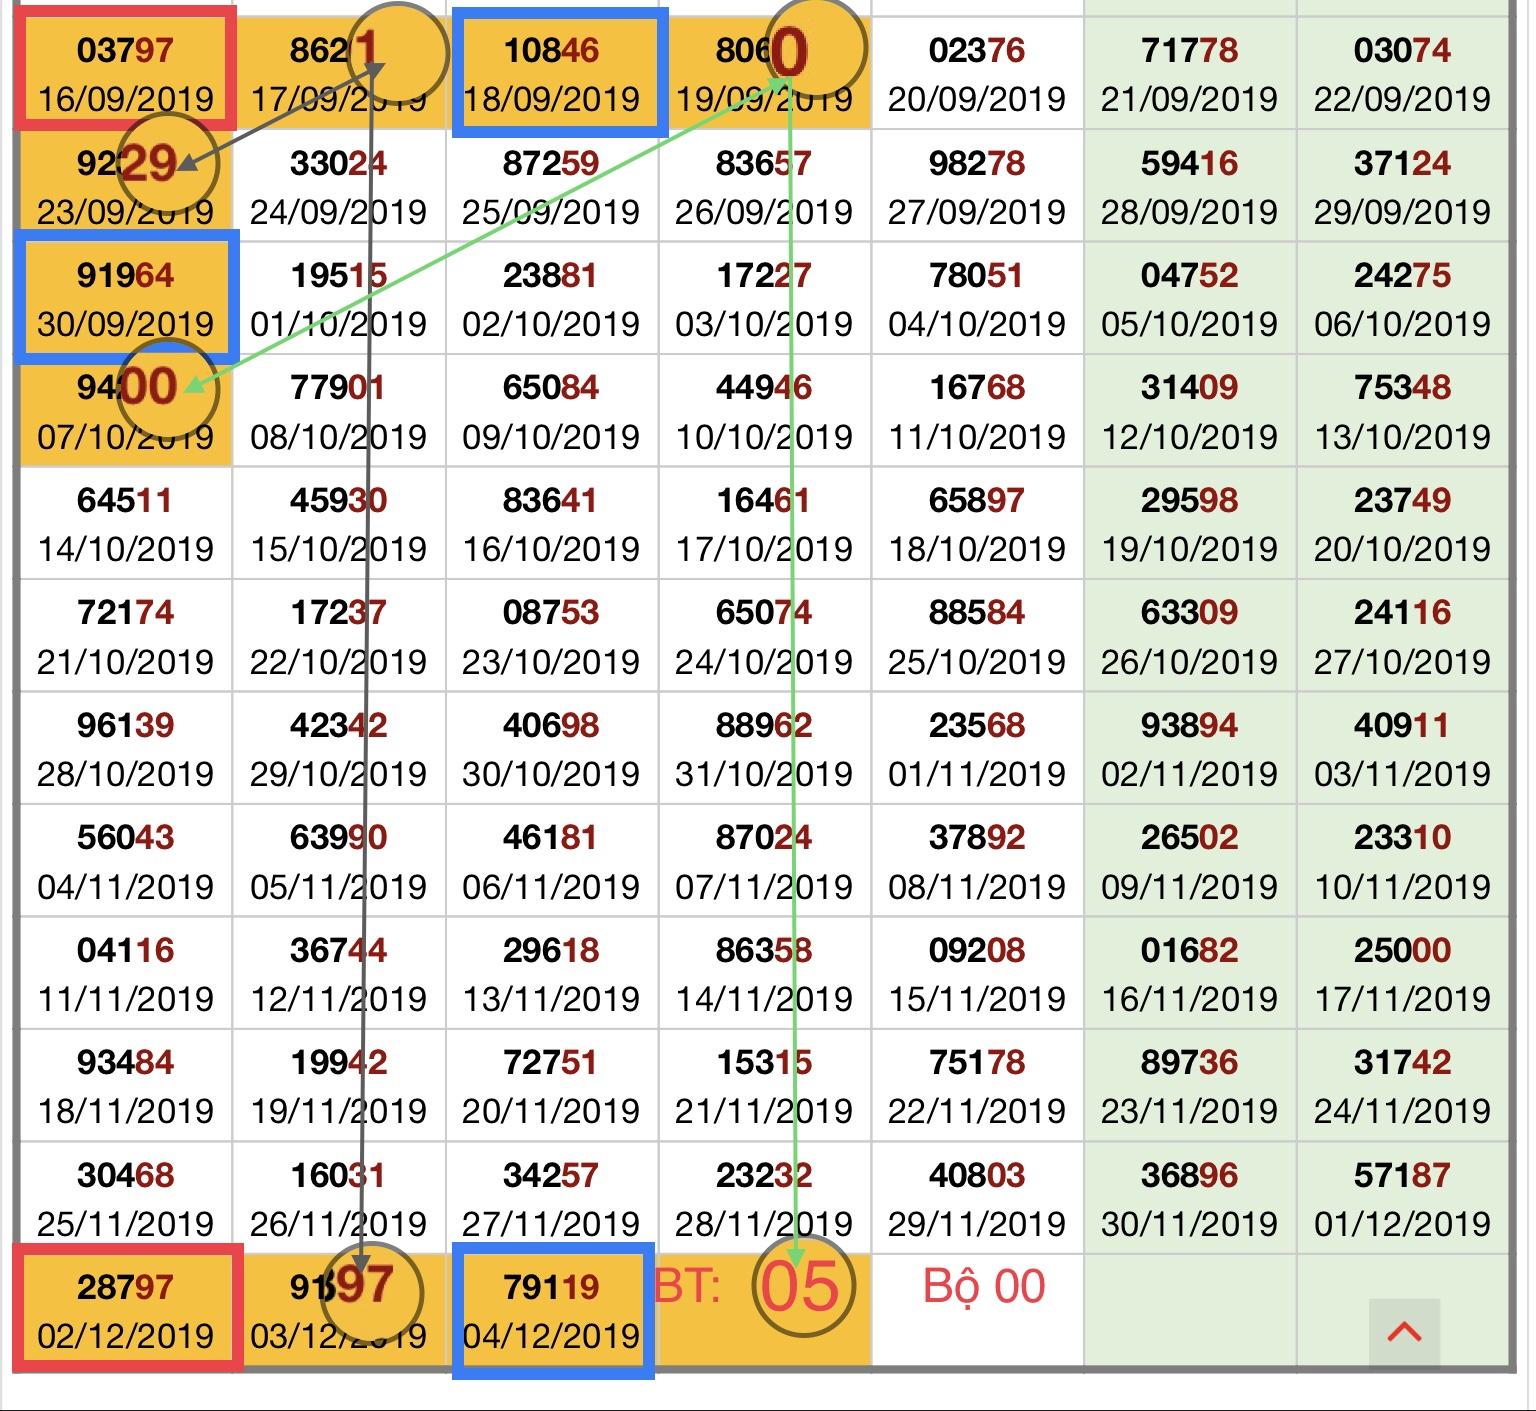 68EAB092-847D-4C4A-A817-8B8E53332D0B.jpeg